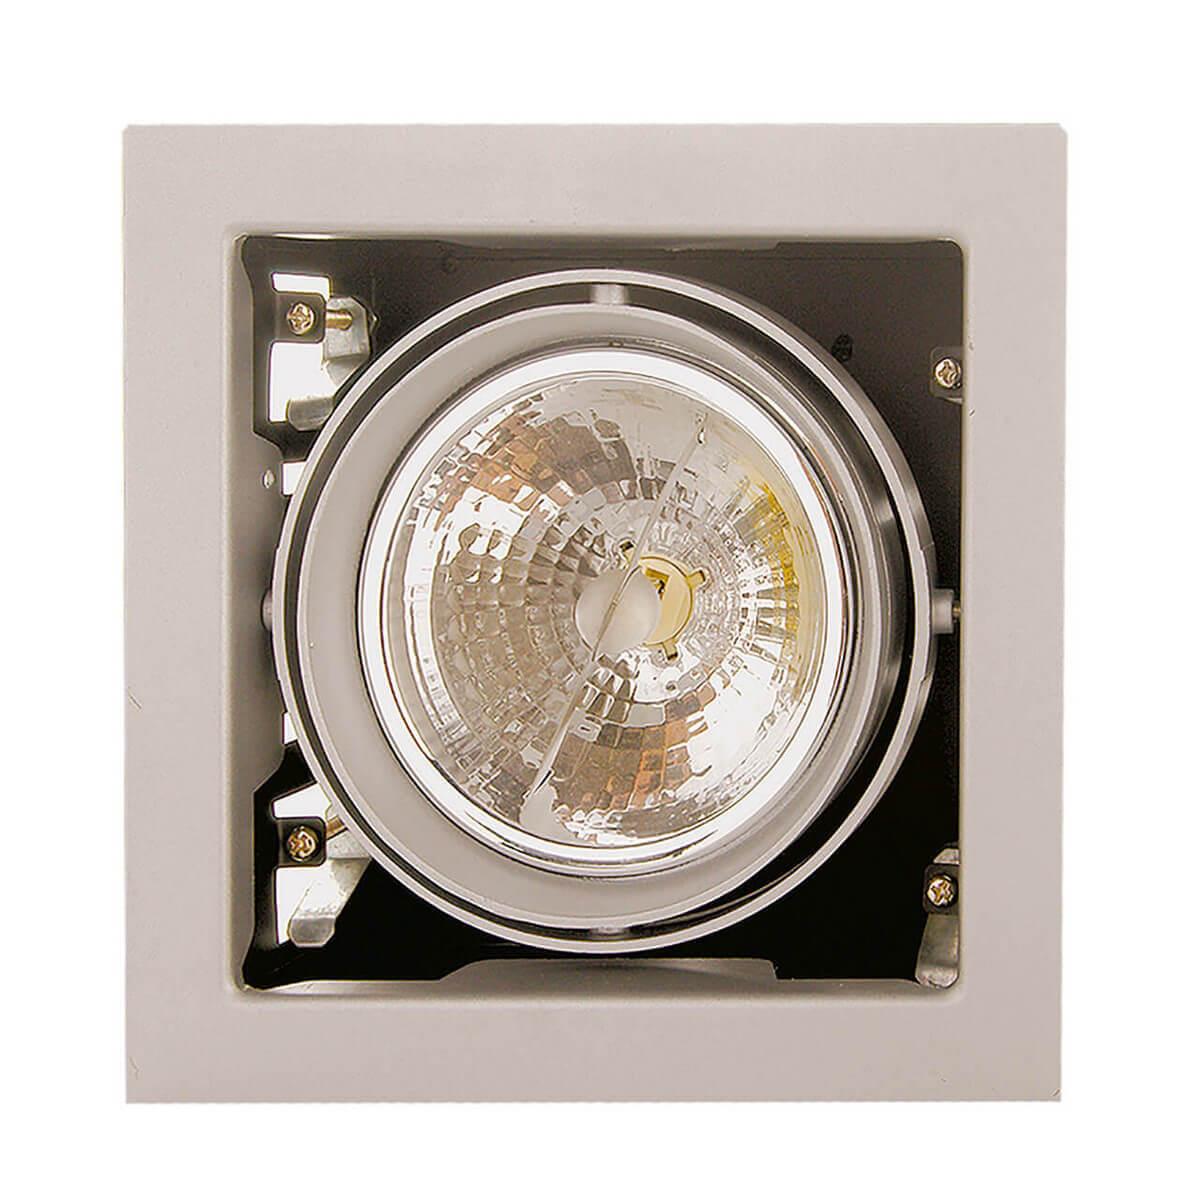 Светильник Lightstar 214117 Cardano (к светильнику подойдут лампы типоразмера DR111) встраиваемый светильник lightstar cardano 214117